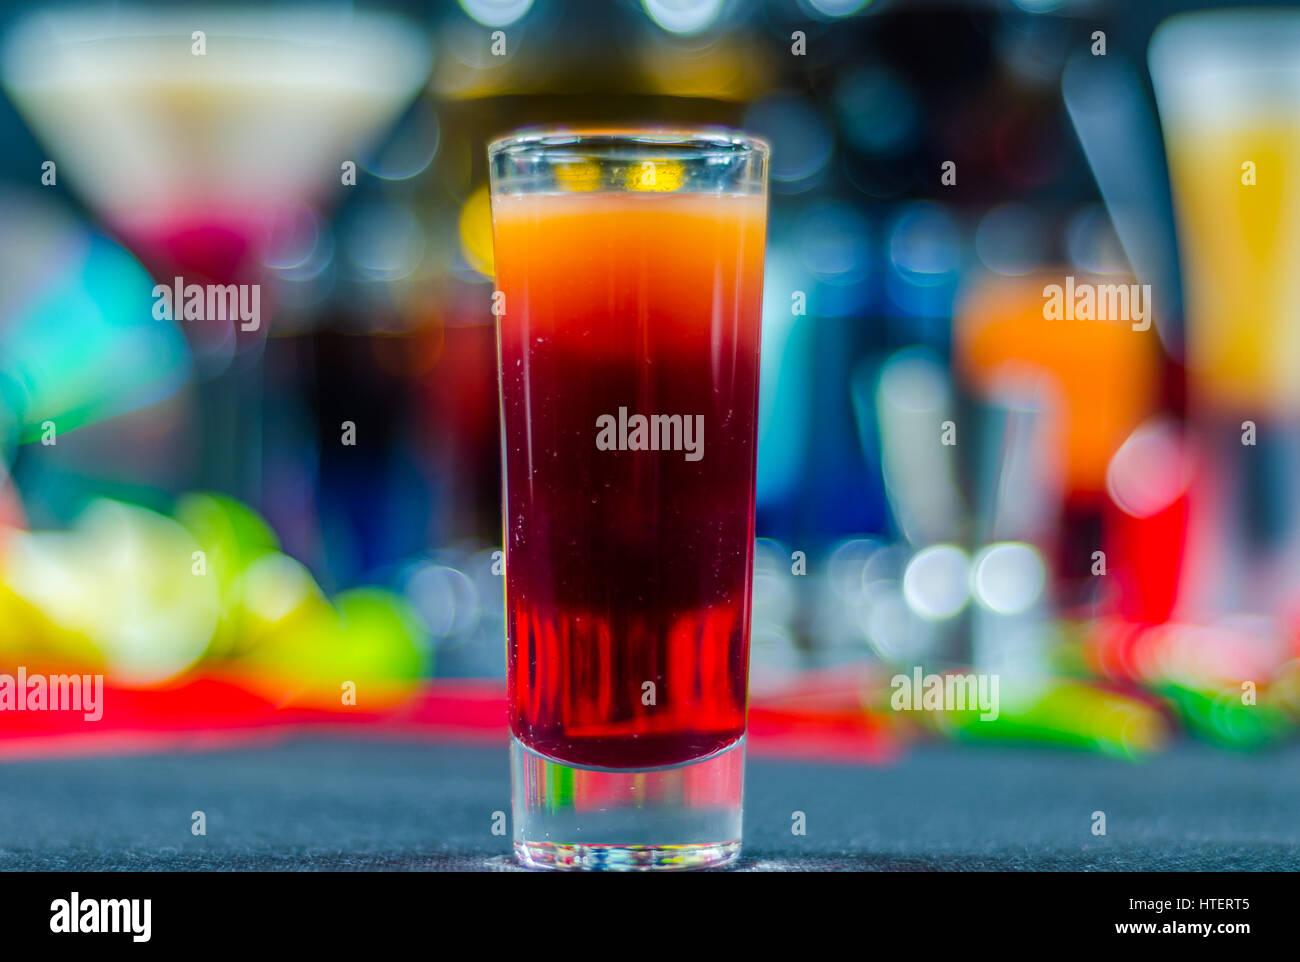 Bevande colorate in vetro per scatti, una combinazione di colore arancione con rosso, colorato, bere shot Immagini Stock